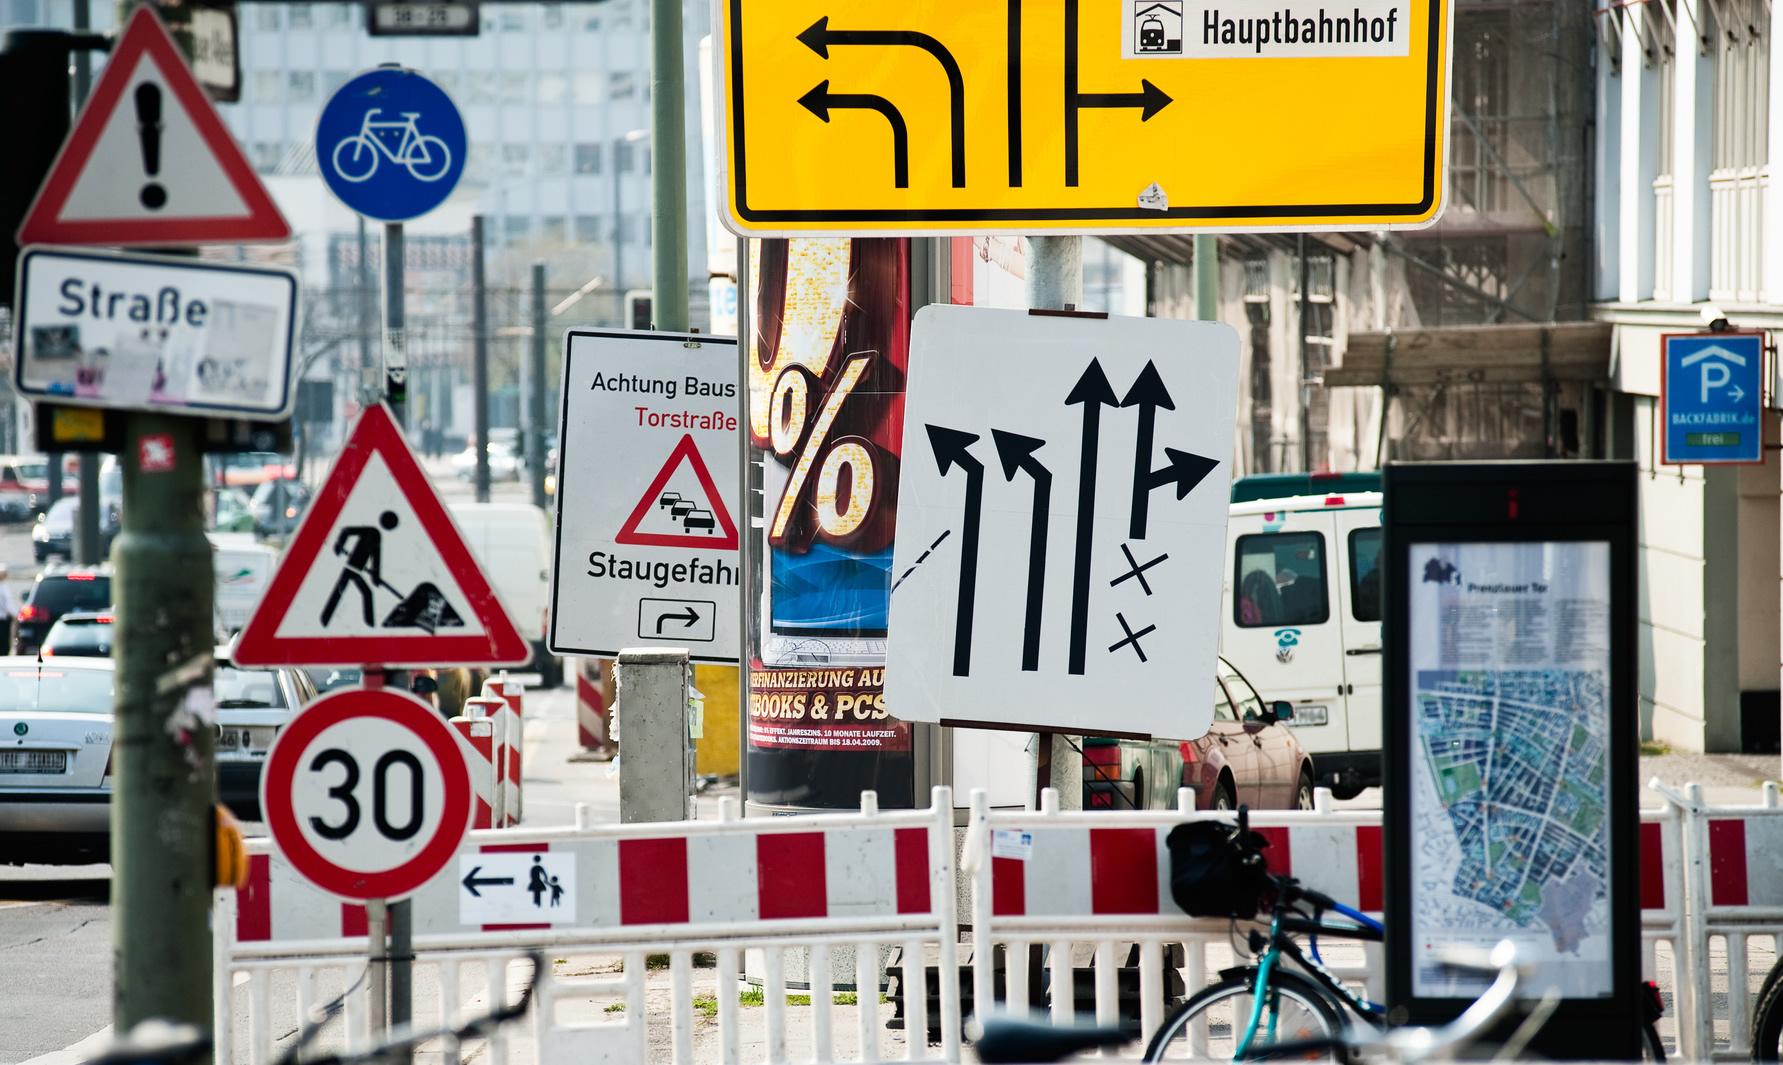 Da hat wohl jemand die Straßenverkehrsführung an seine Homepage angepasst